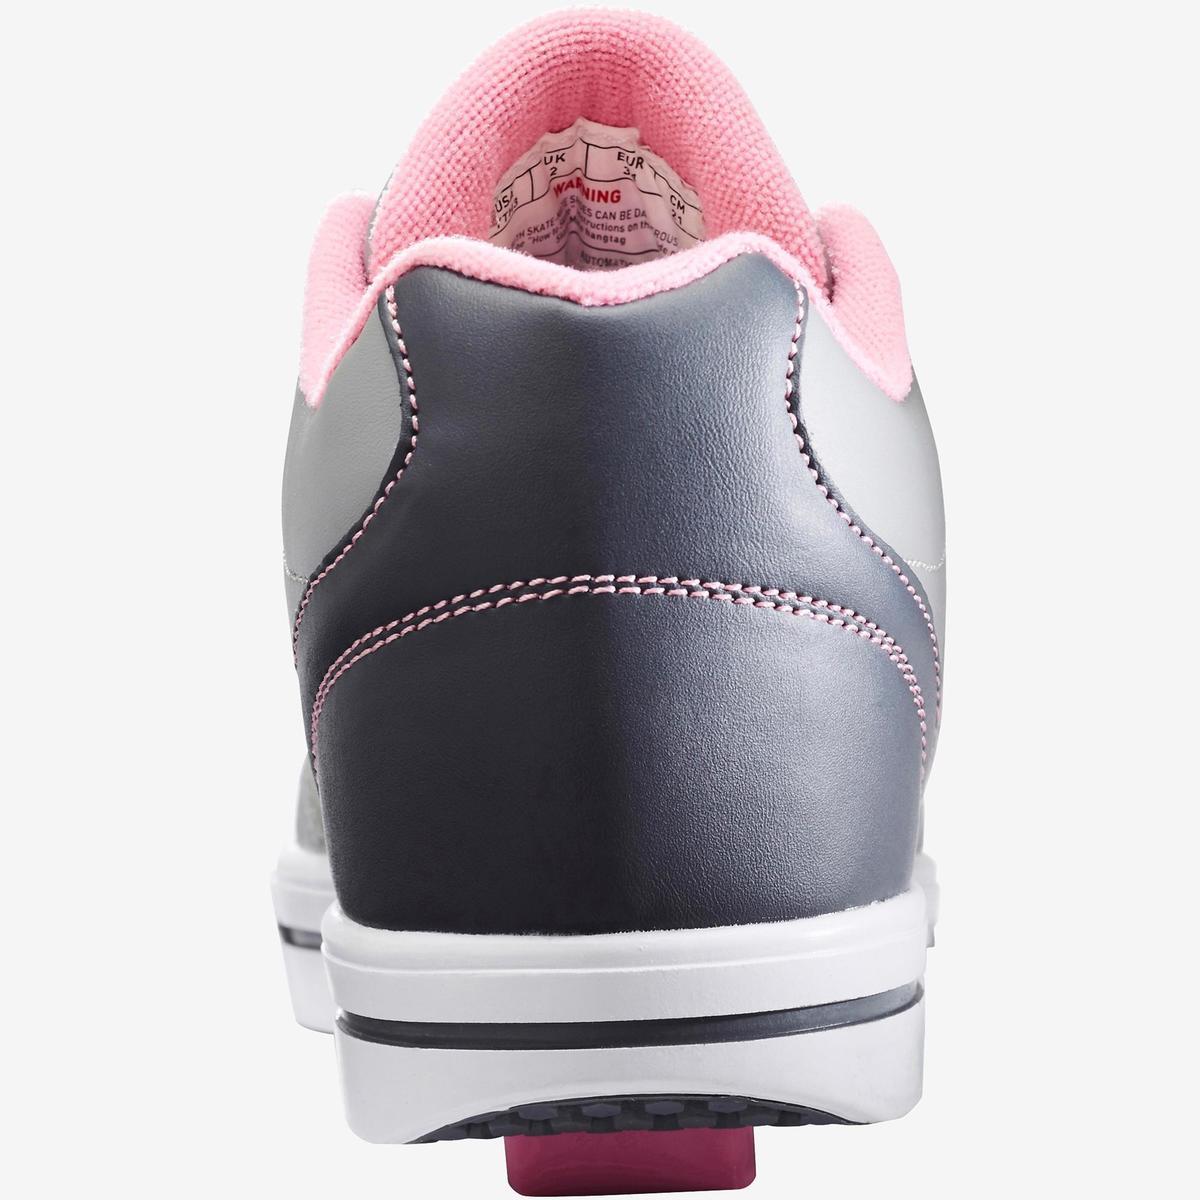 Bild 5 von Heelys Skate-Mate Mädchen grau/pink